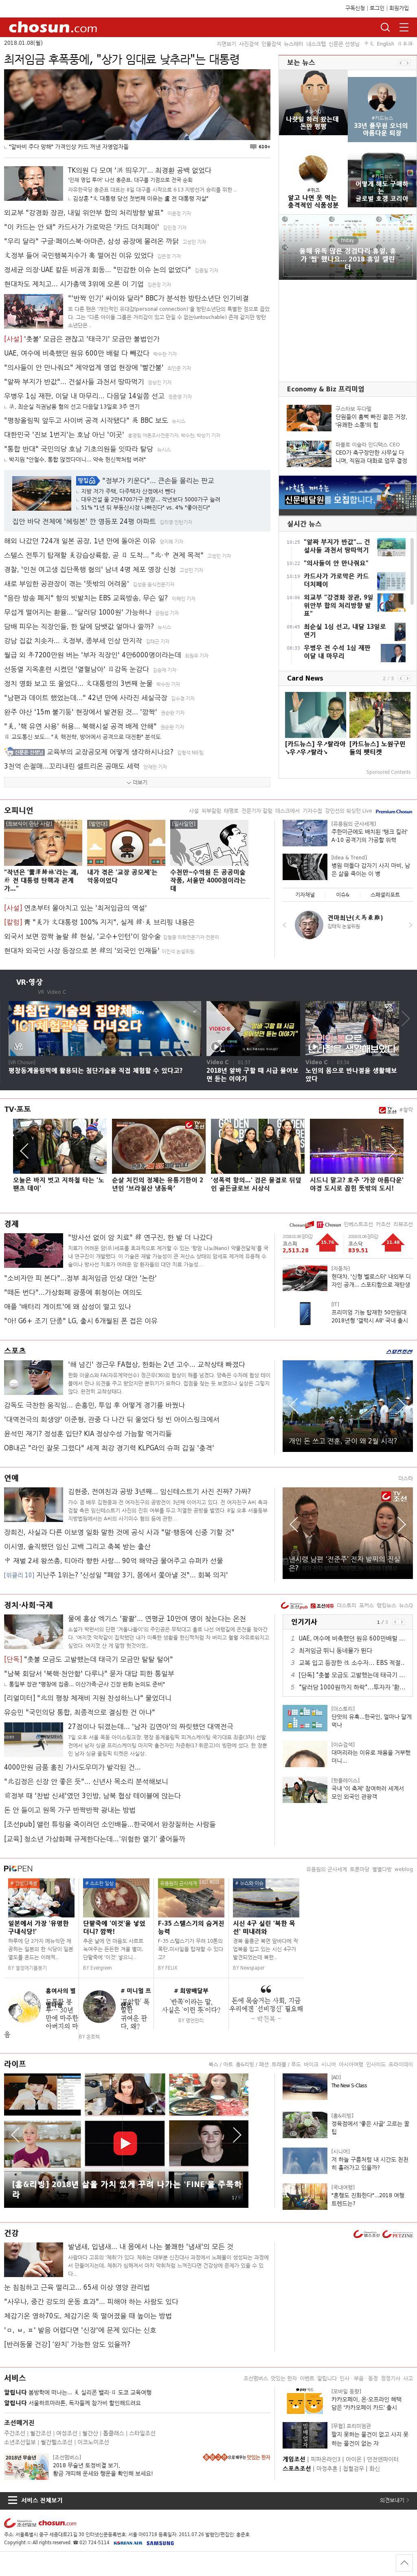 chosun.com at Monday Jan. 8, 2018, 1:03 p.m. UTC